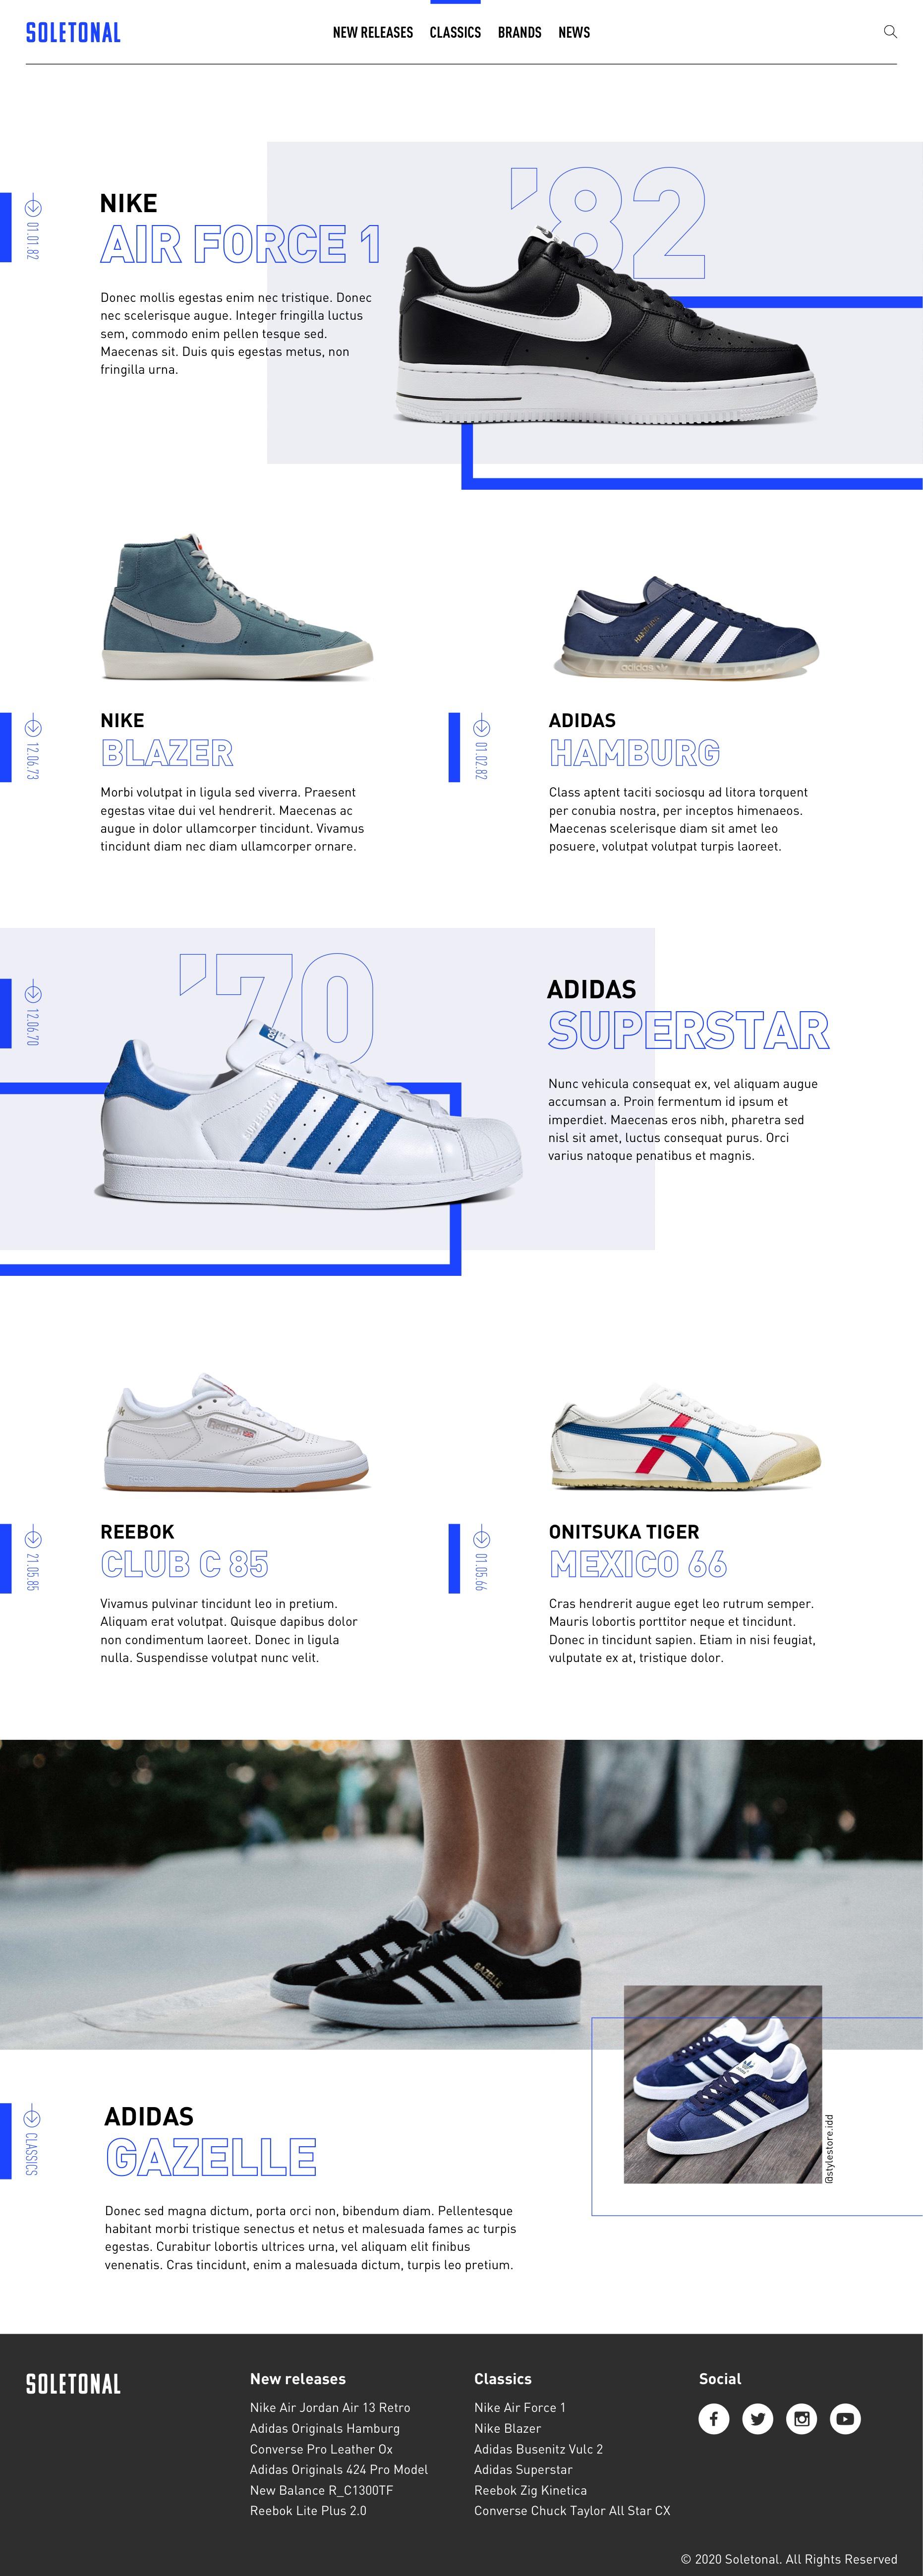 Soletonal website